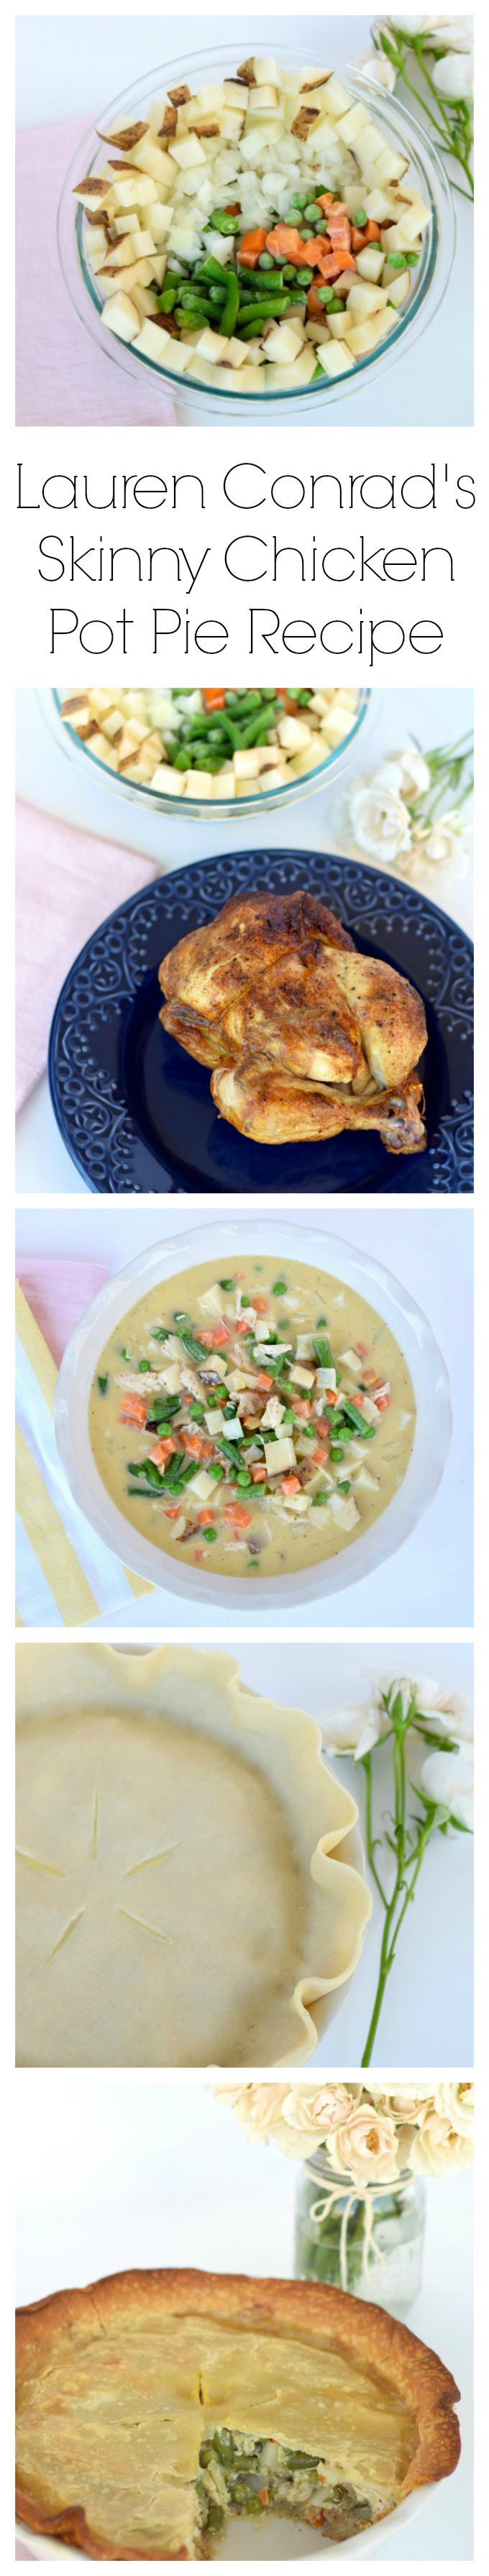 Lauren Conrad's Skinny Chicken Pot Pie Recipe